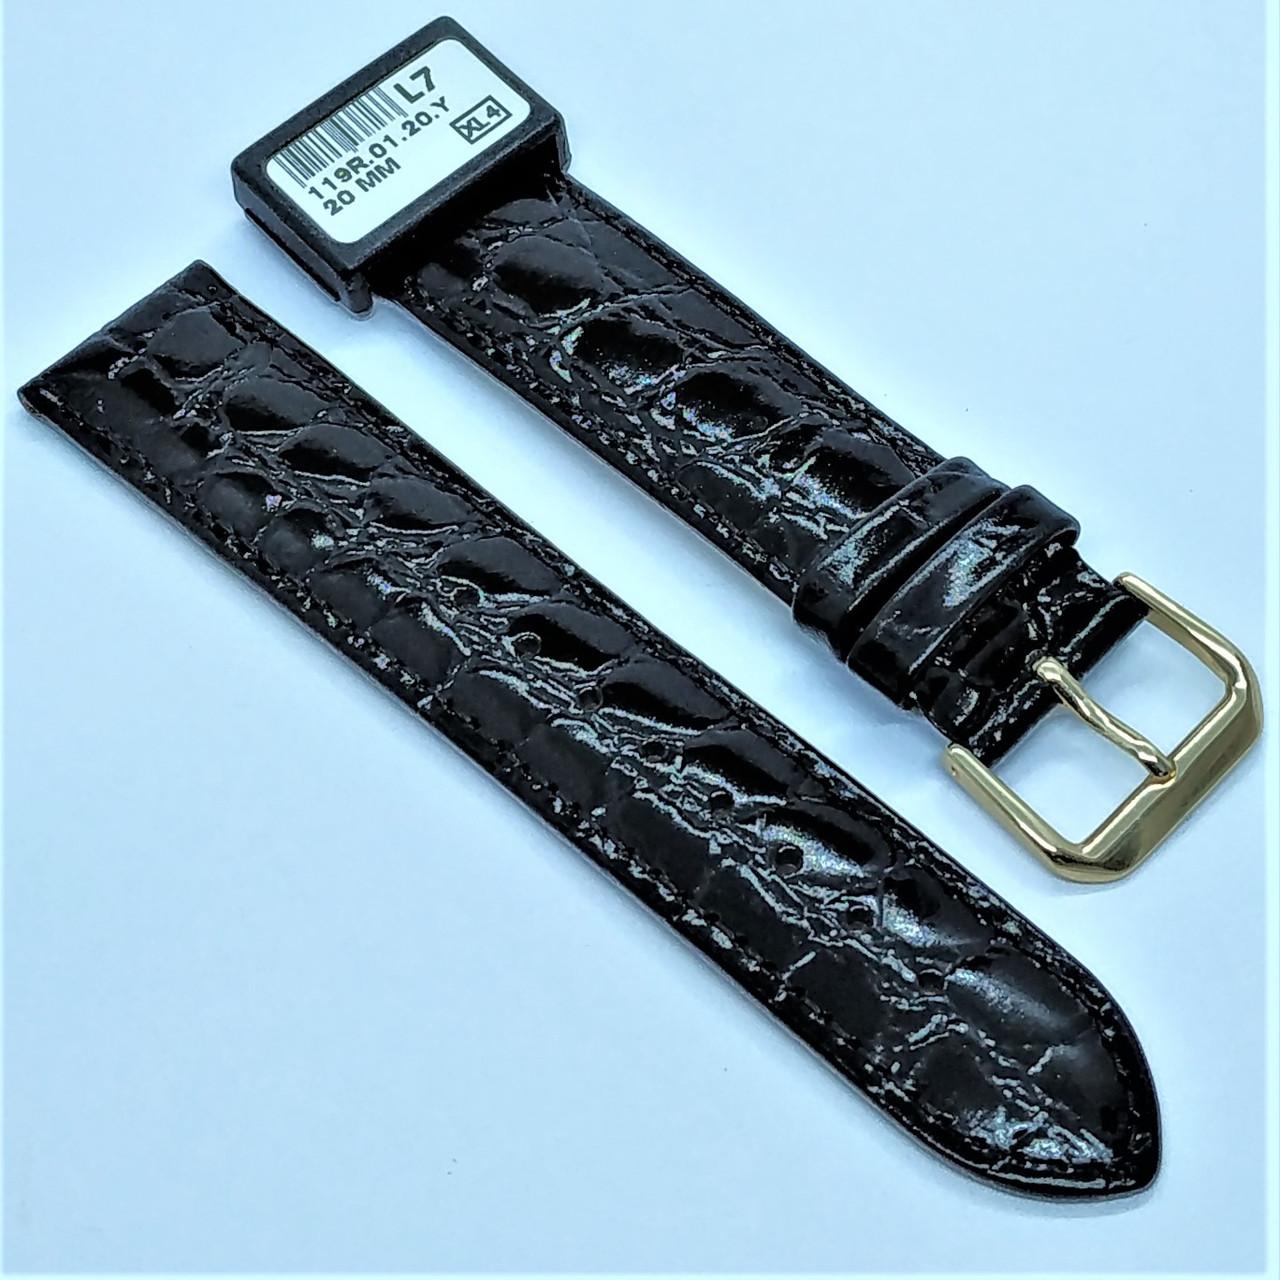 20 мм Кожаный Ремешок для часов CONDOR 119.20.01 Черный Ремешок на часы из Натуральной кожи